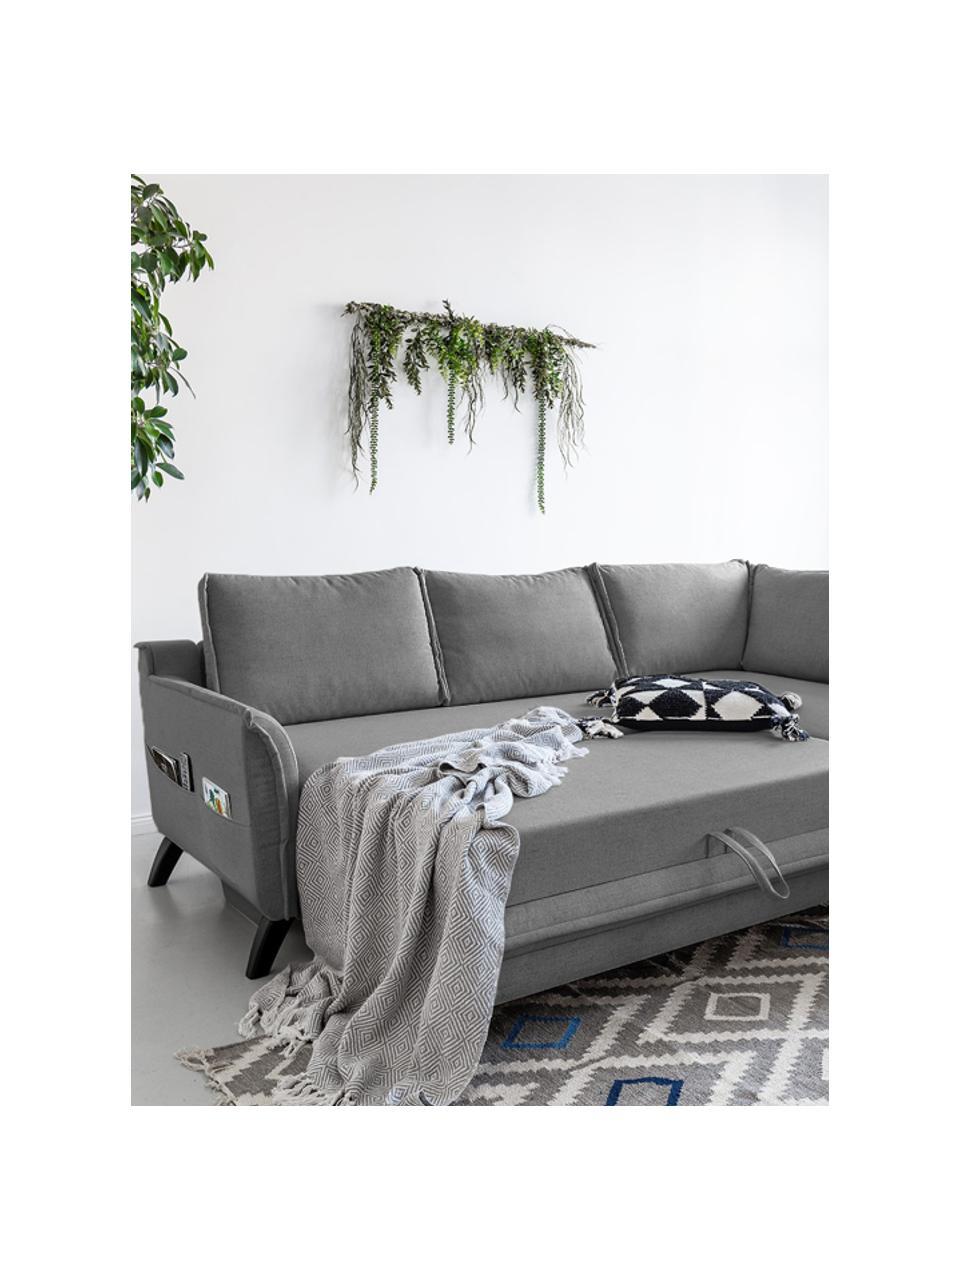 Divano letto angolare in tessuto grigio Charming Charlie, Rivestimento: 100% poliestere con sensa, Struttura: legno, truciolato, Grigio, Larg. 230 x Prof. 200 cm